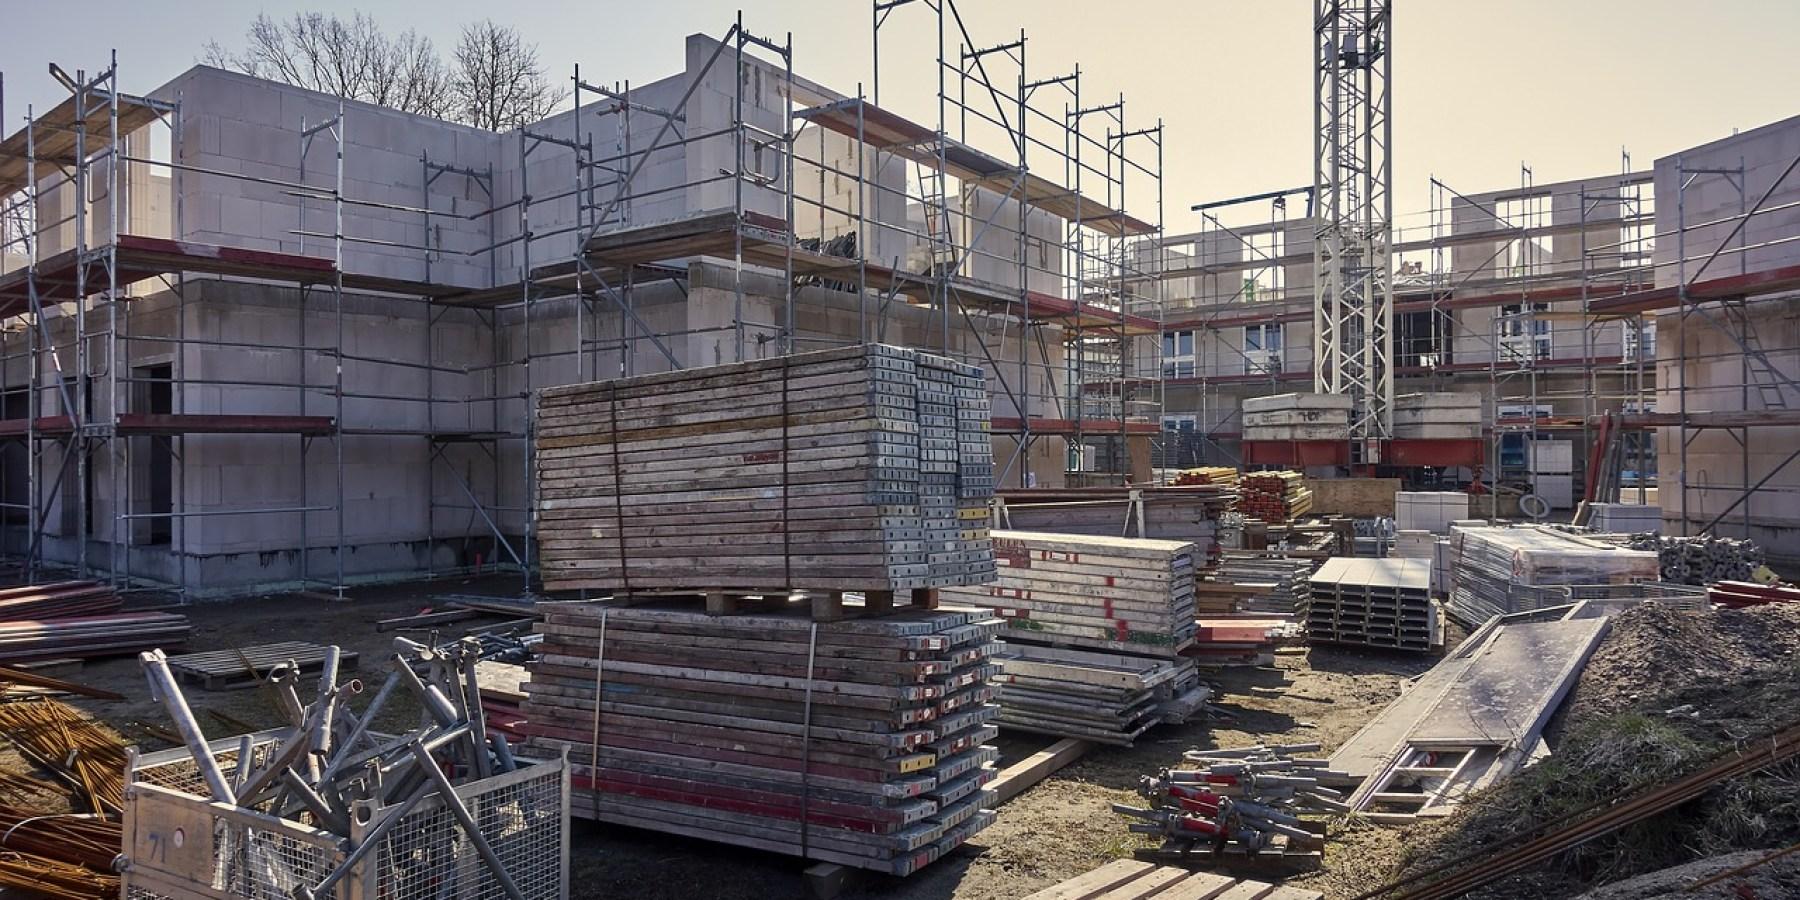 Neubau für städtische Nutzung und das WDR-Landesstudio am Servatiiplatz geplant